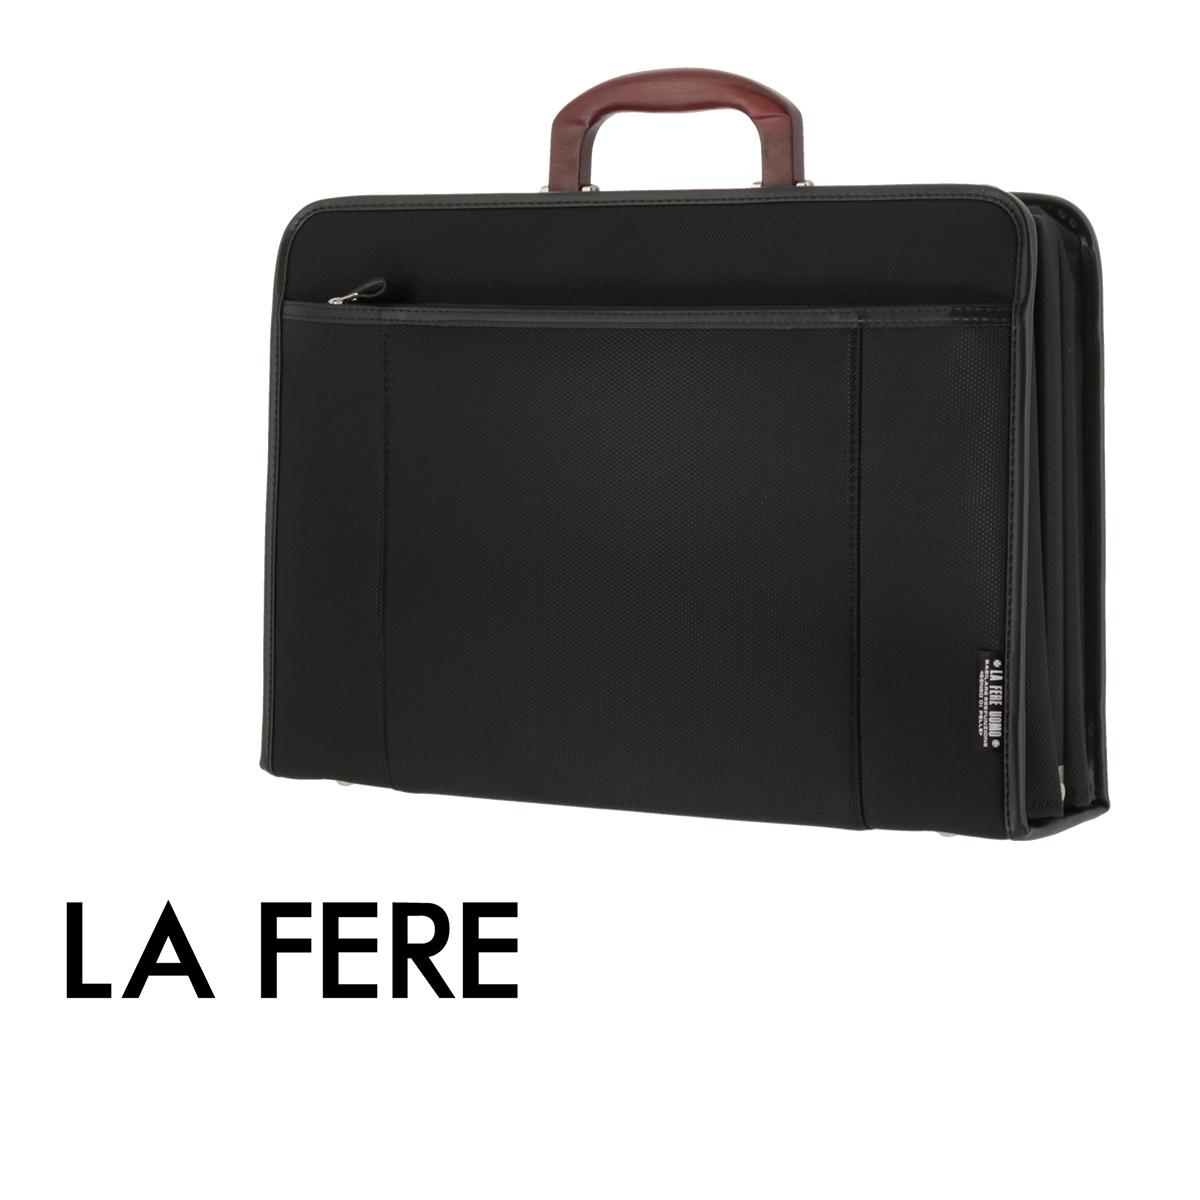 青木鞄 ラフェール ブリーフケース オプス 6728  LA FERE ビジネスバッグ メンズ 日本製 中空糸ナイロン[PO10]